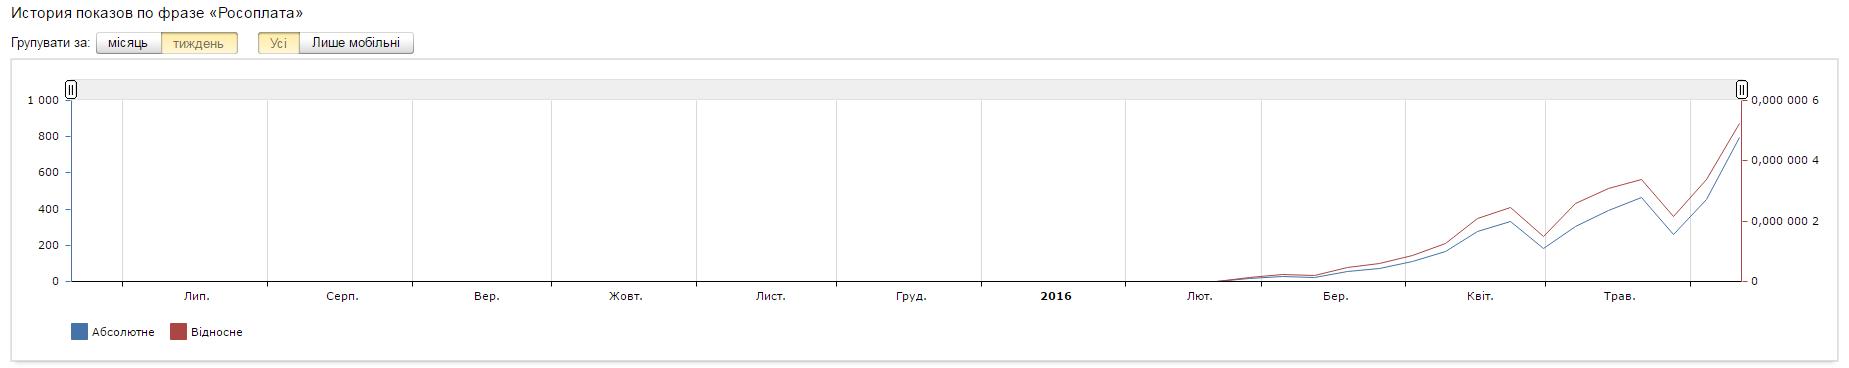 Популярность Росоплата